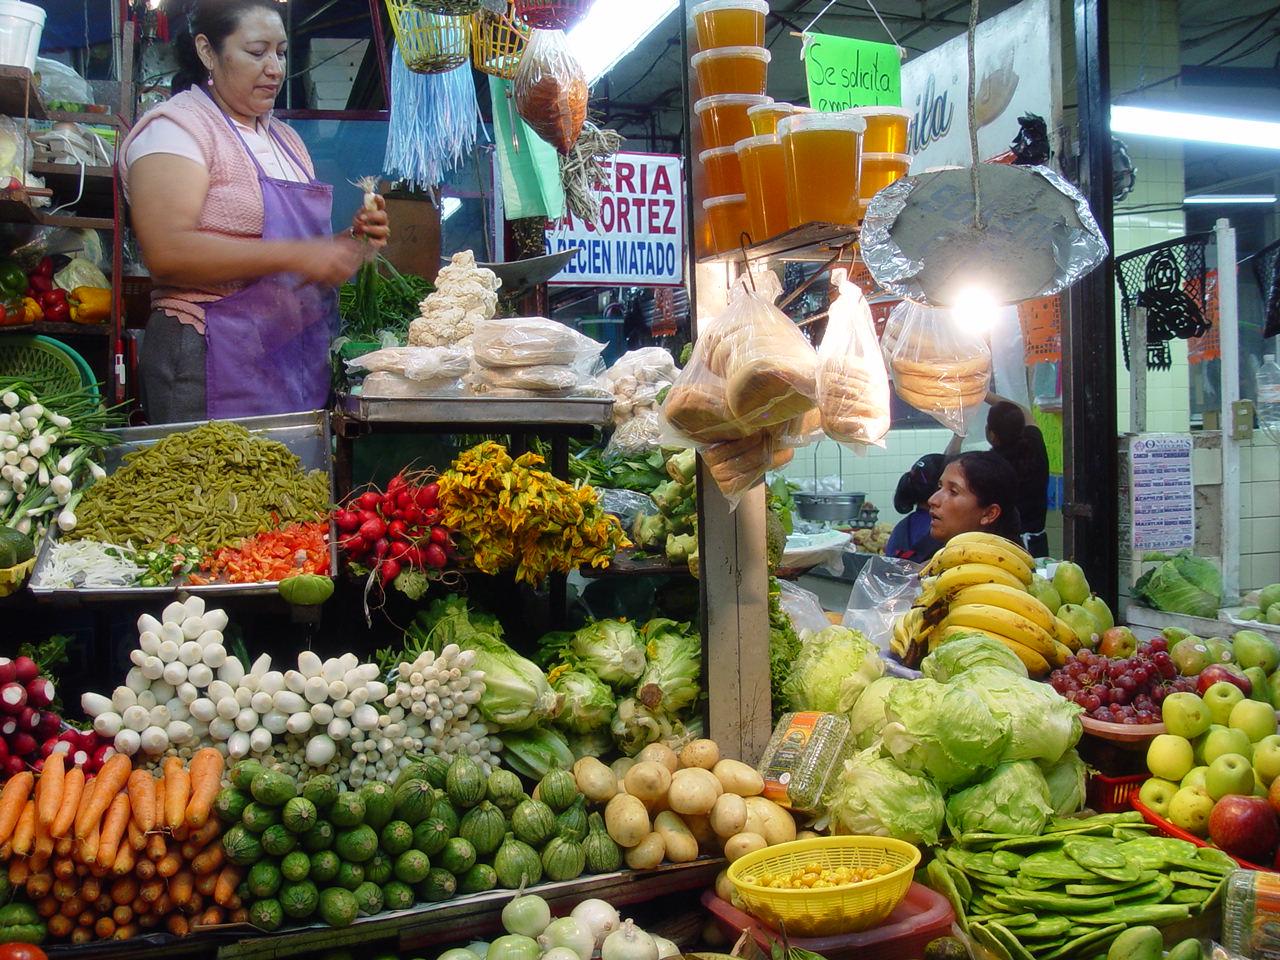 Market © Edifica/Flickr